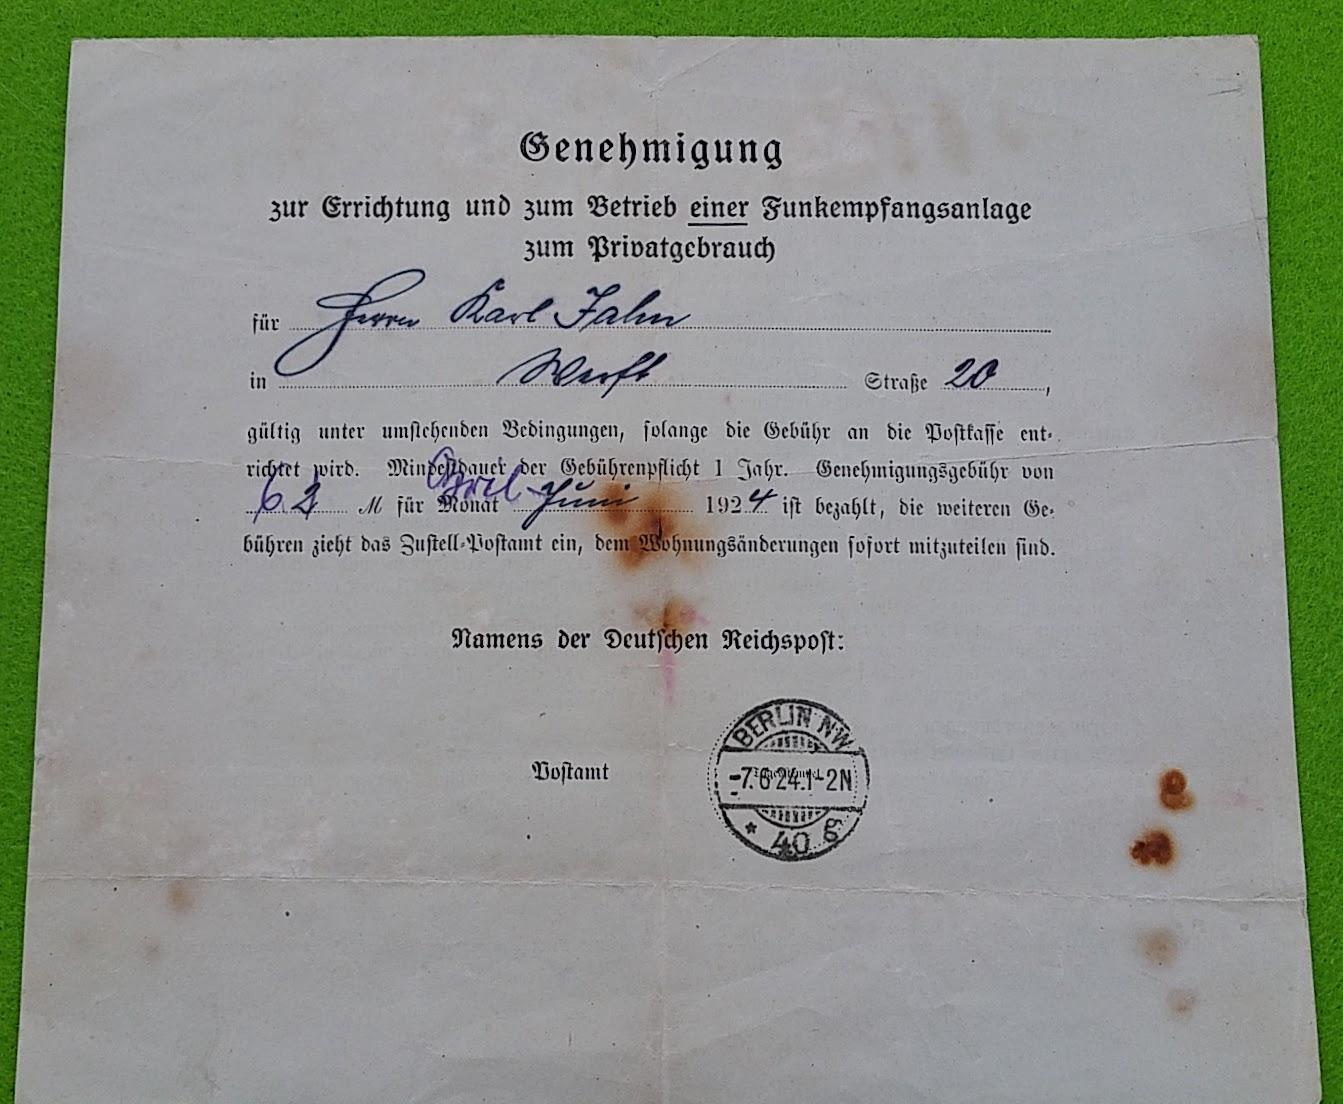 Genehmigung zur Errichtung und zum Betrieb einer Funkempfangsanlage zum Privatgebrauch, 7.6.1924